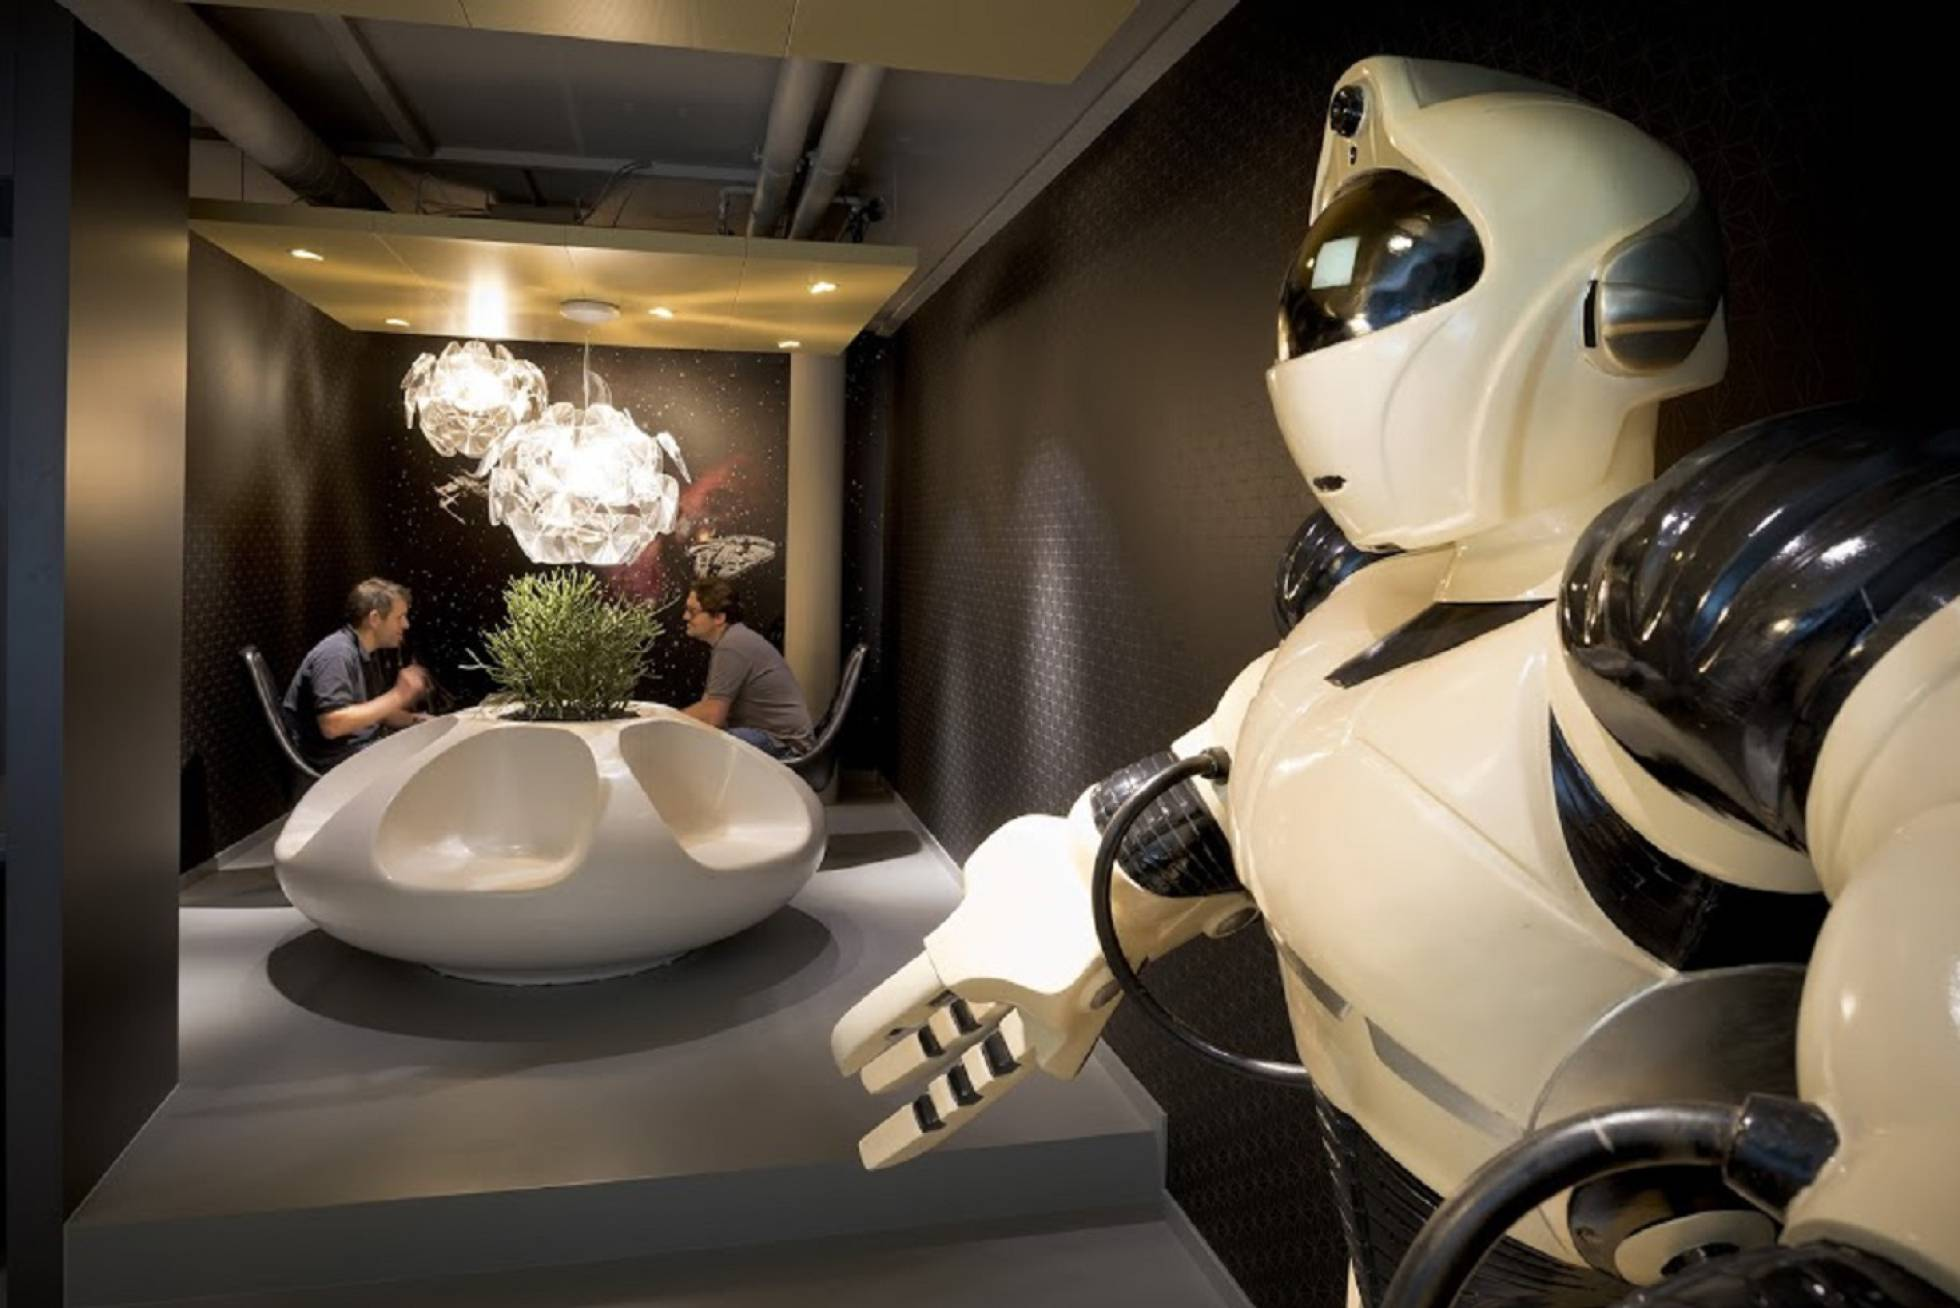 Inteligencia Artificial / Robótica - Página 3 1466782902_006097_1466786444_noticia_normal_recorte1